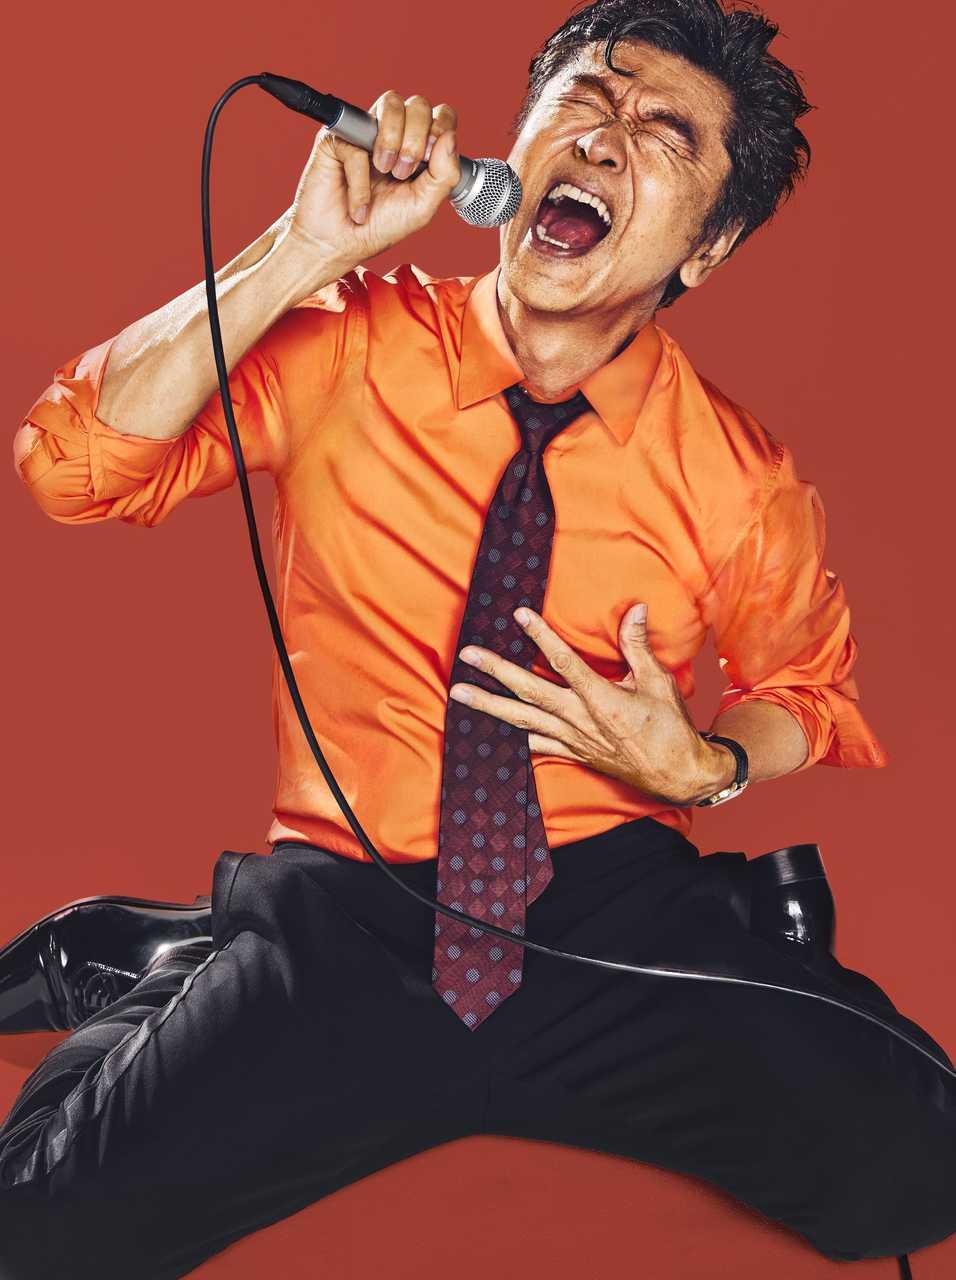 """桑田流""""究極の6品""""が収録された最新EP『ごはん味噌汁海苔お漬物卵焼き feat. 梅干し』が冠超え!!"""